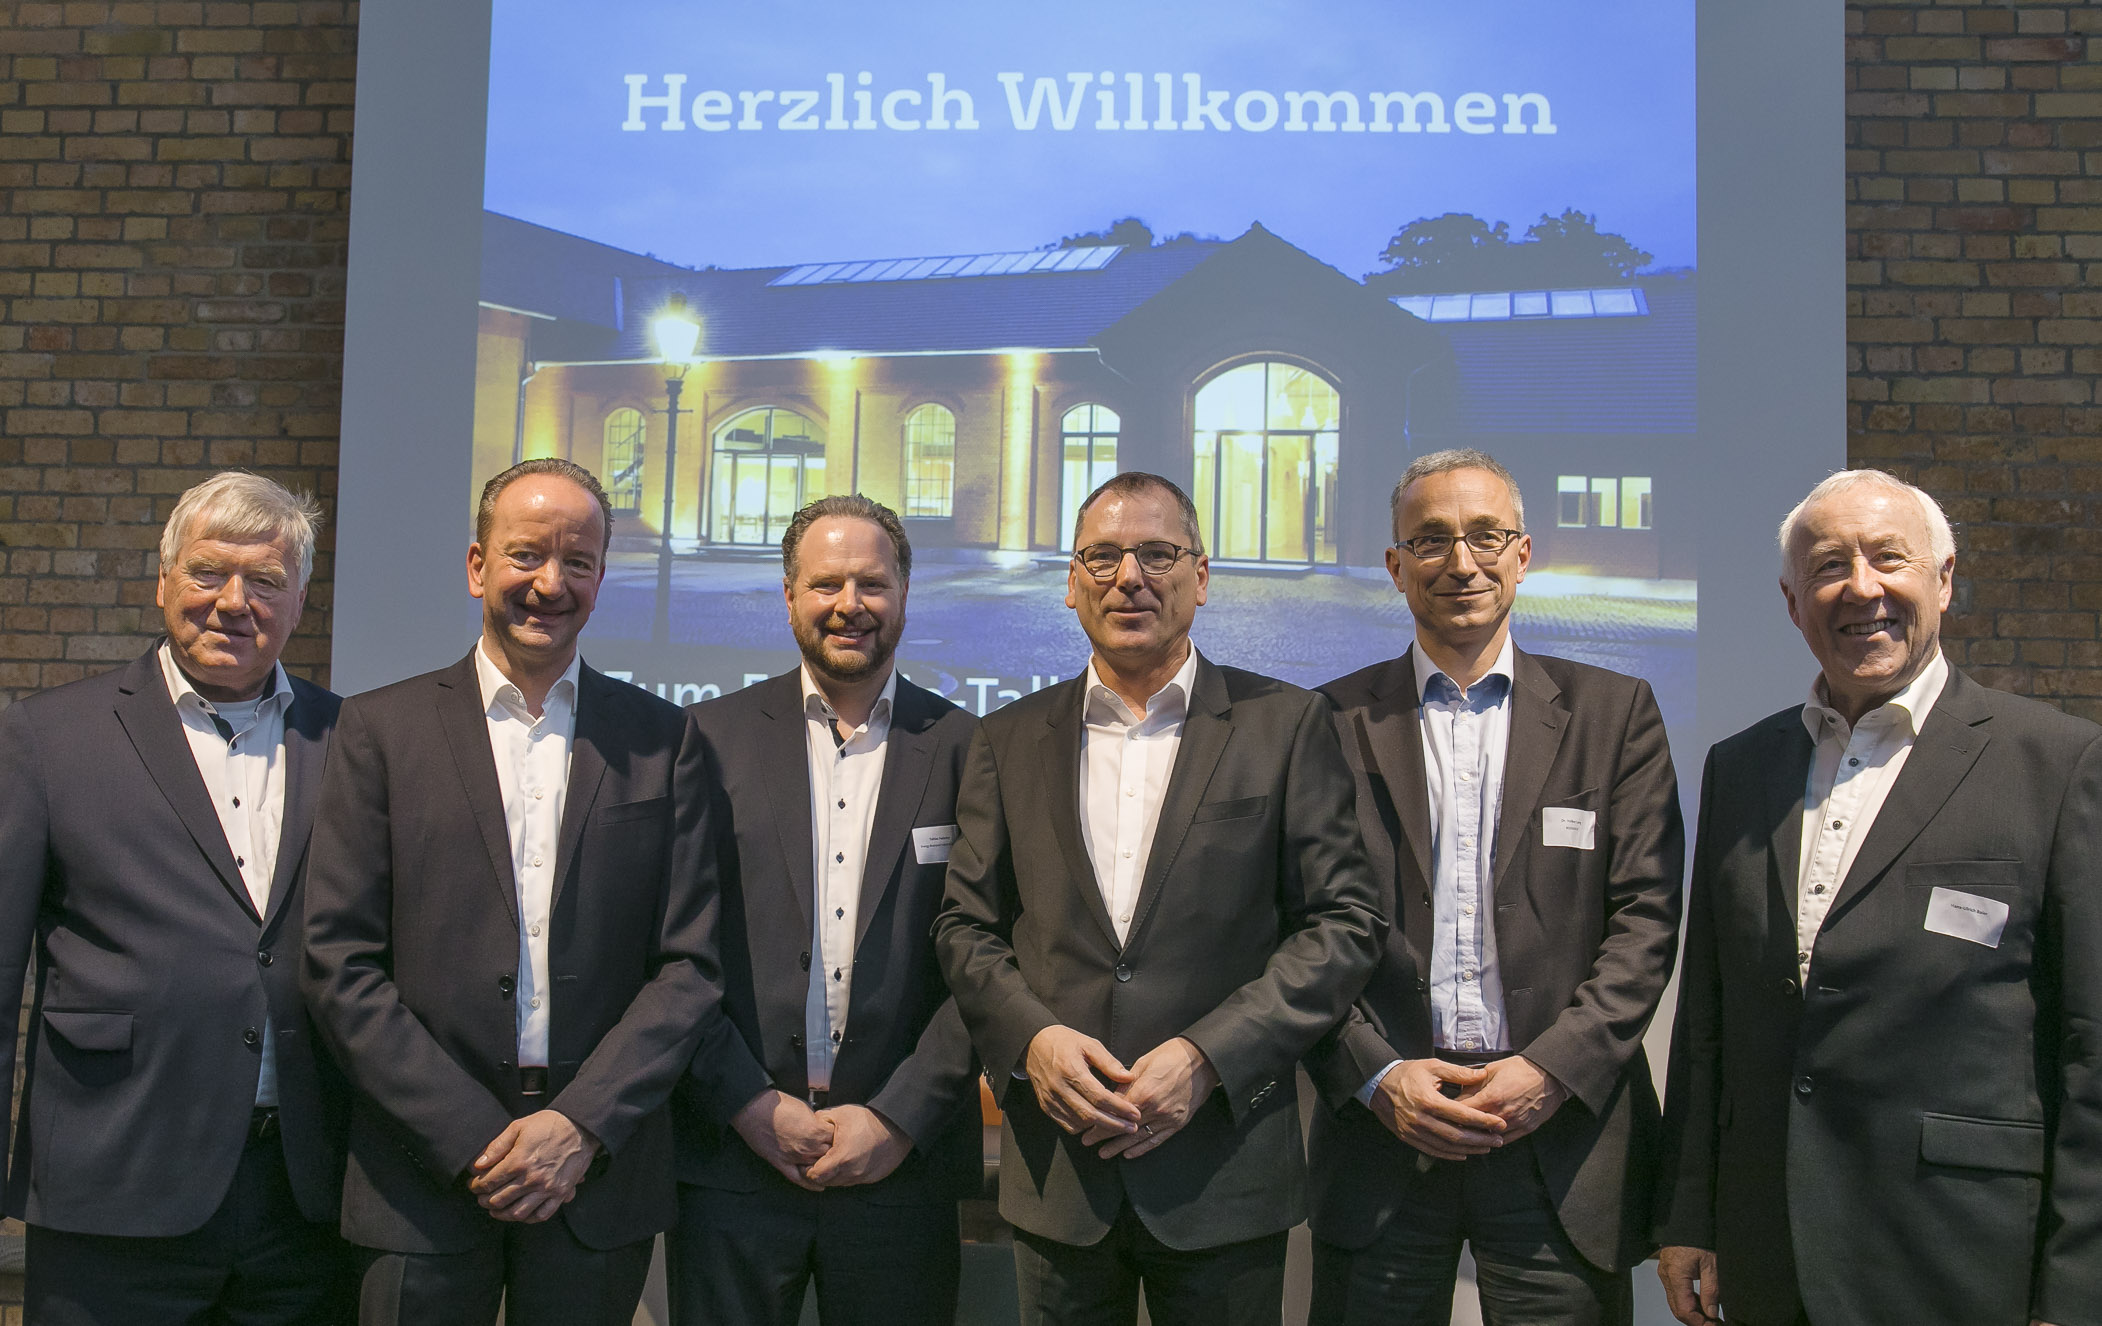 Energietalk BS Energy: v.l.n.r. Klaus Winter, Prof. Dipl.-Ing. Andreas Grübel, Dipl.-Ing. Tobias Federico, Paul Anfang, Dr. Volker Lang, Hans-Ulrich Baier. Foto: Peter Siergik